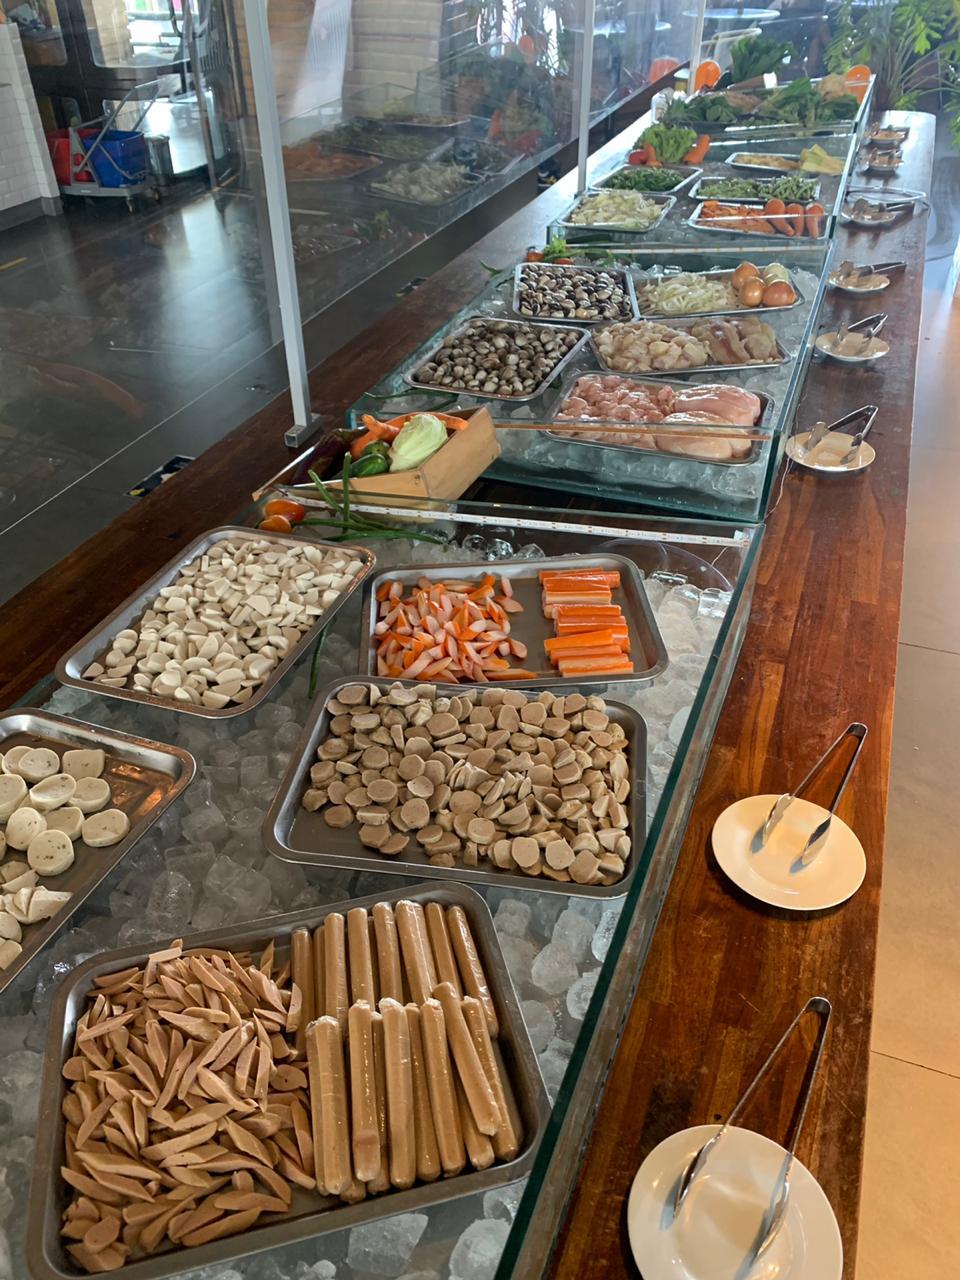 Mongolian Street Food All You Can Eat yang disajikan kepada tamu restoran Wok 'n 'tok Restaurant, Hotel Yello Jemursari Surabaya